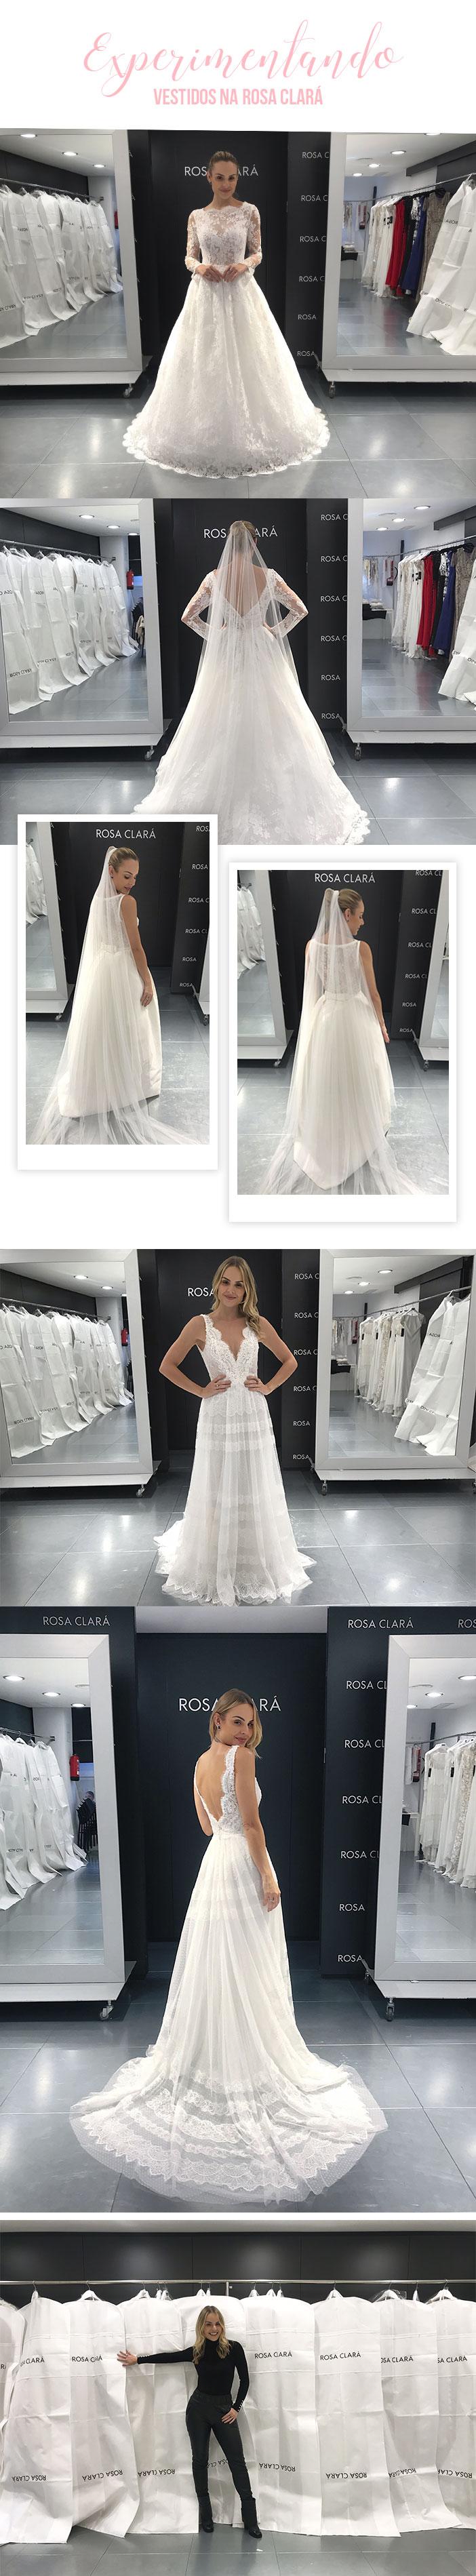 A saga do meu vestido de noiva em Barcelona Rosa Clará